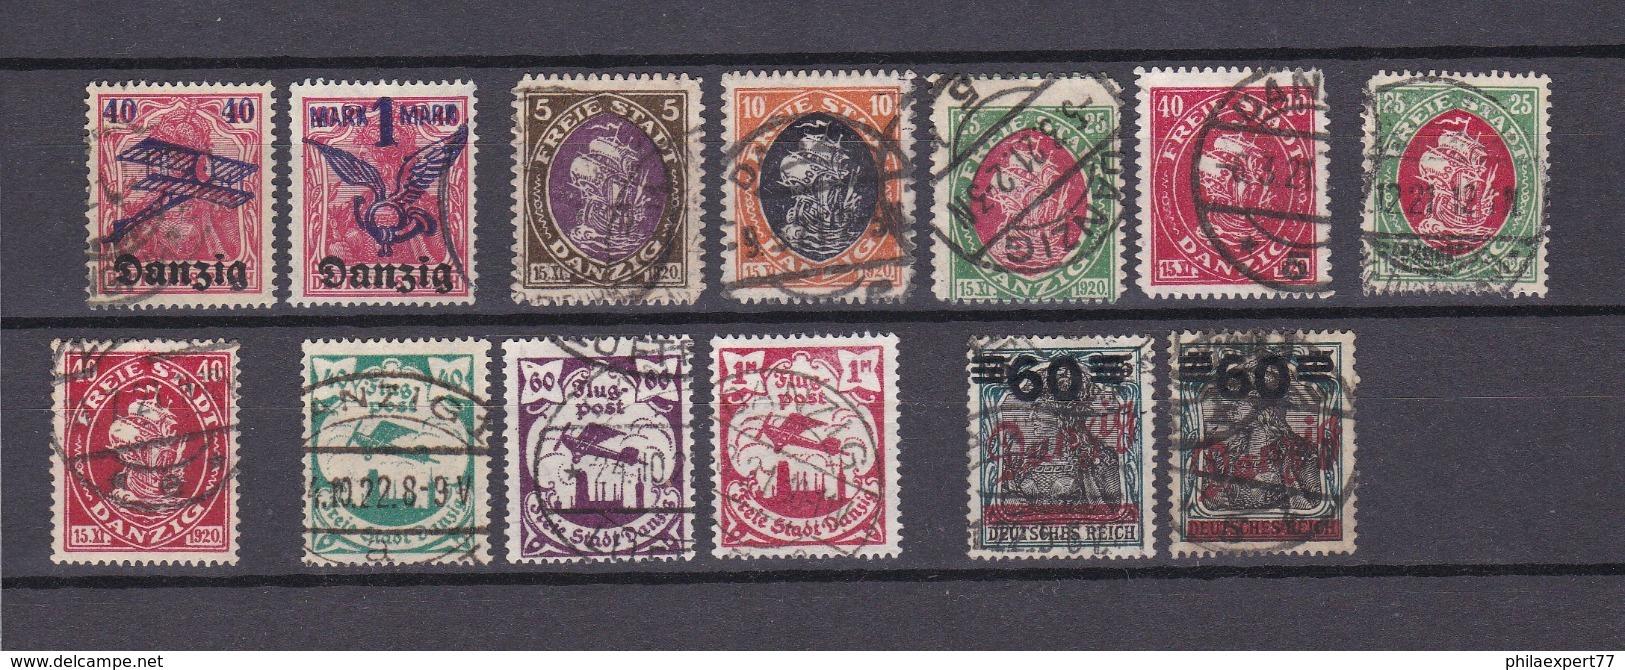 Danzig - 1920/21 - Sammlung - Gest. - 56 Euro - Danzig